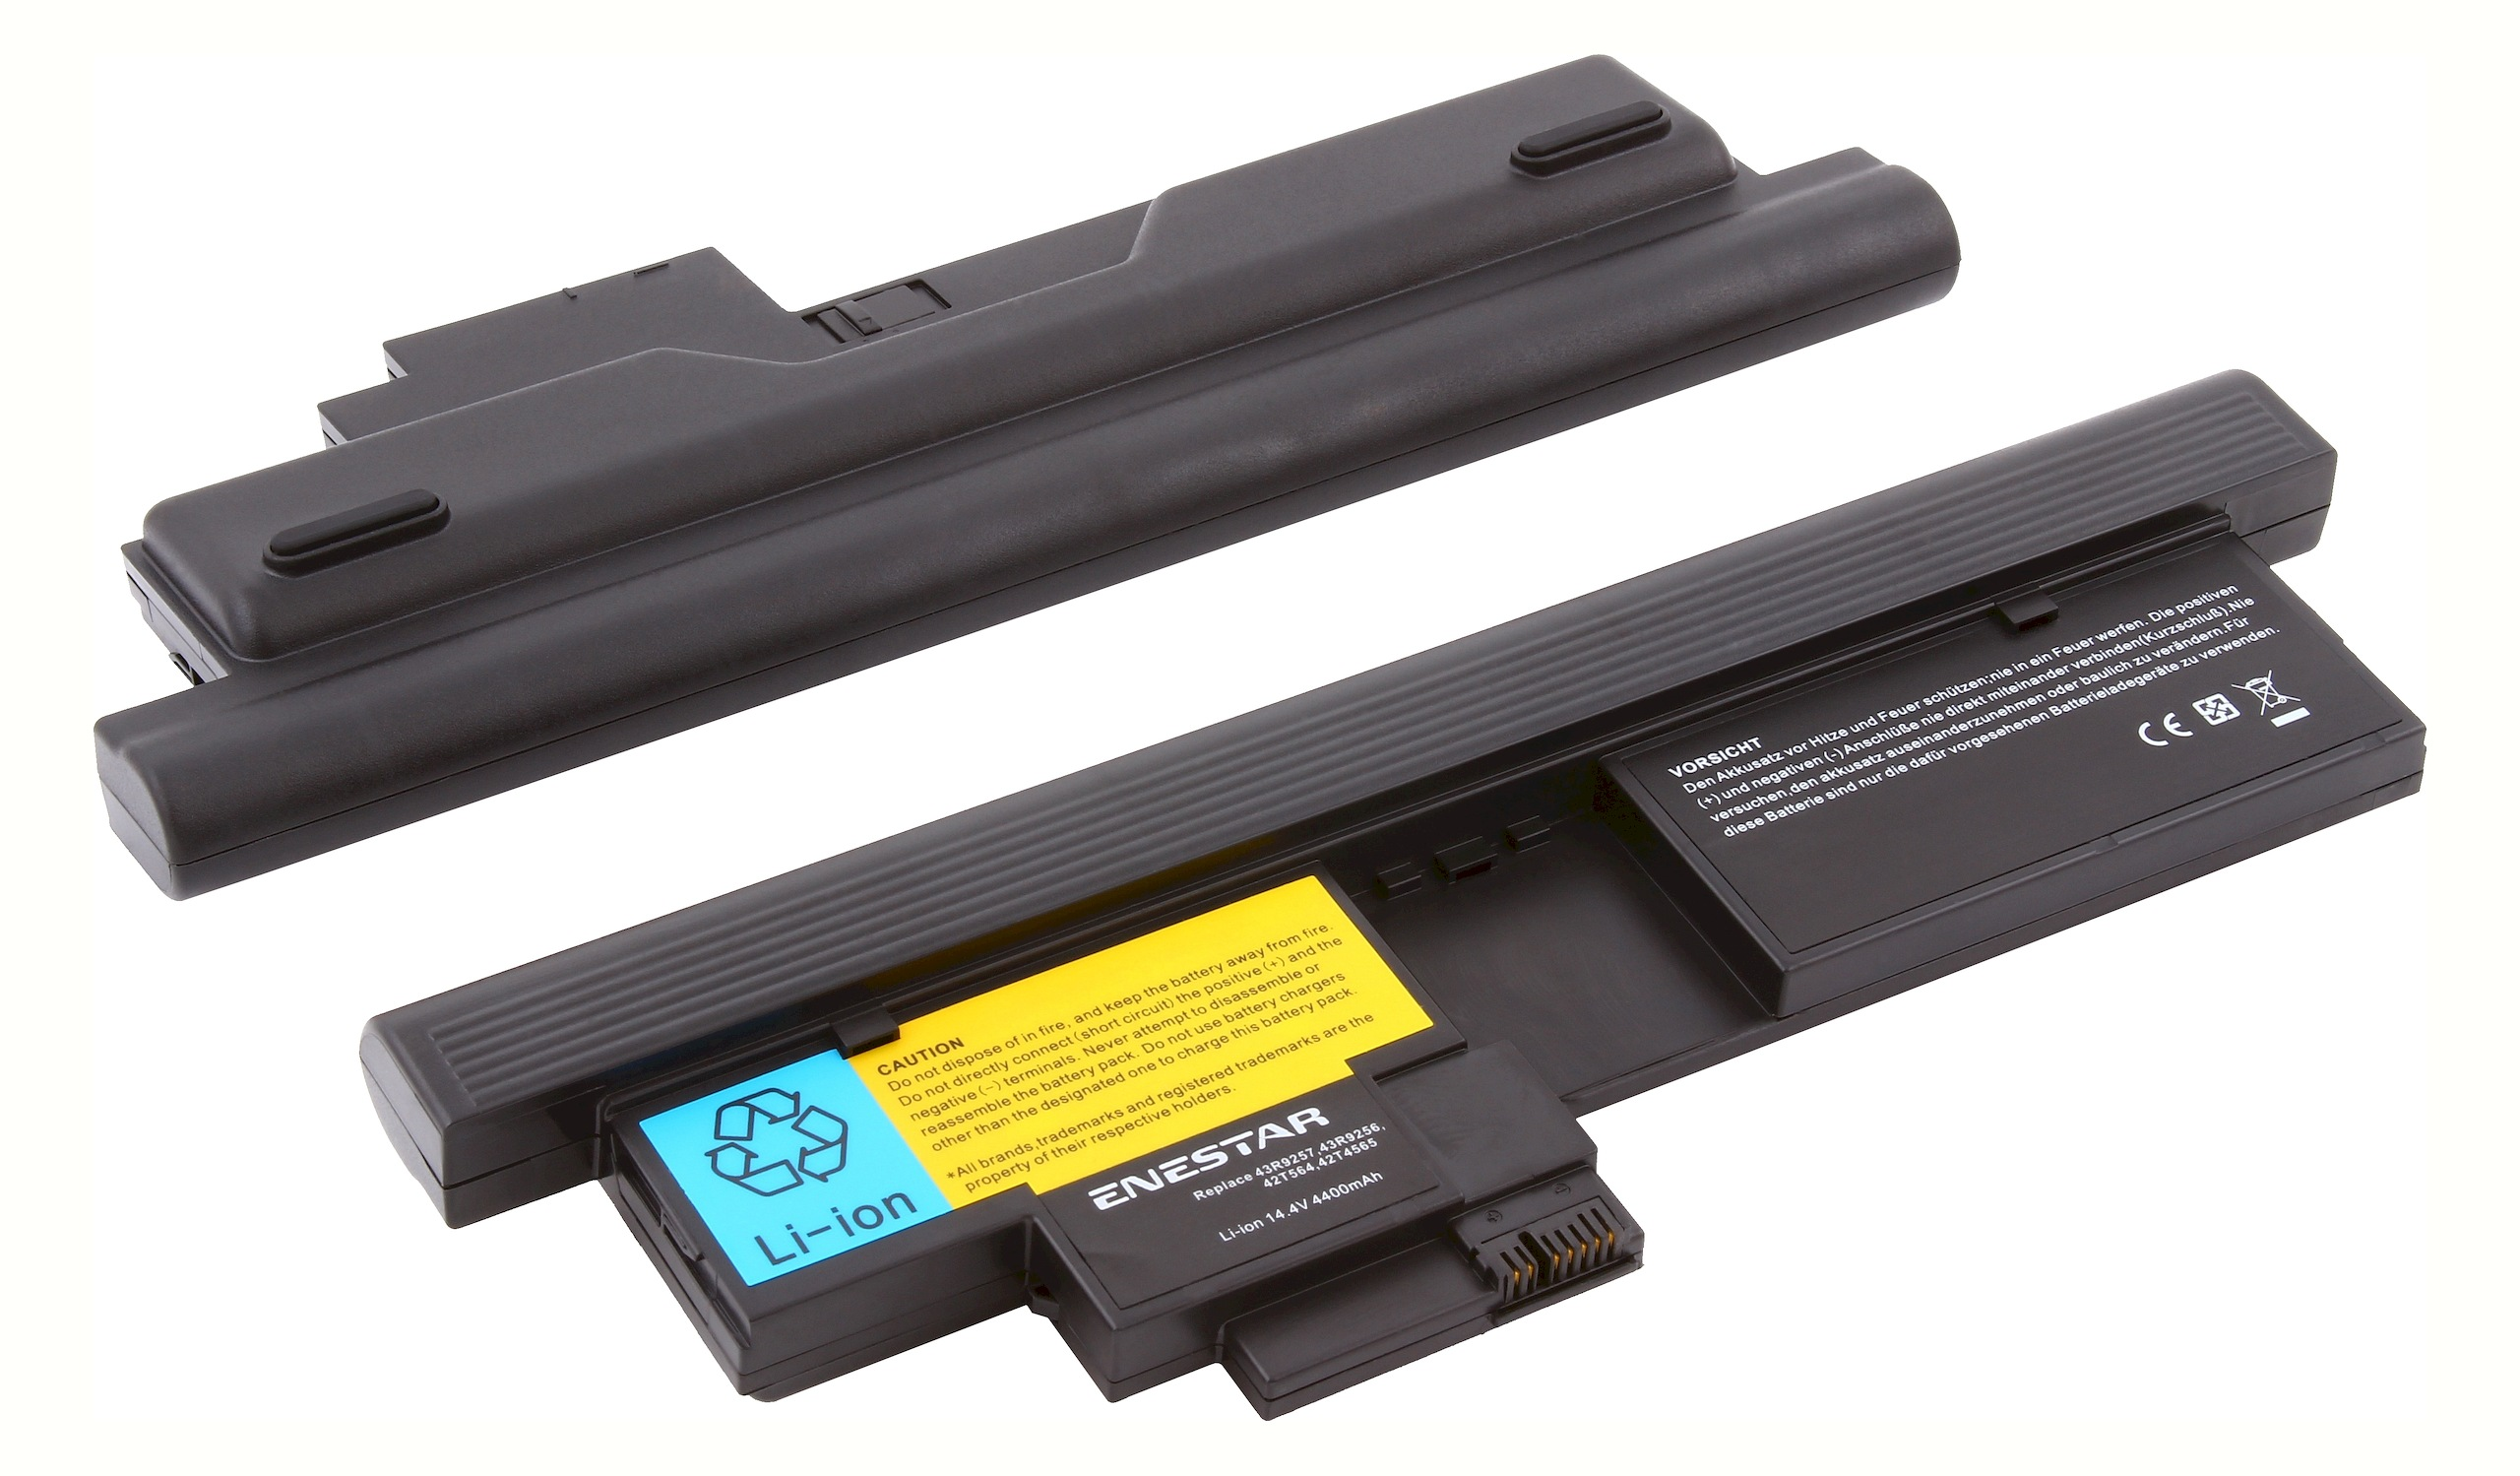 Bateria Akumulator do LENOVO THINKPAD X201 TABLET